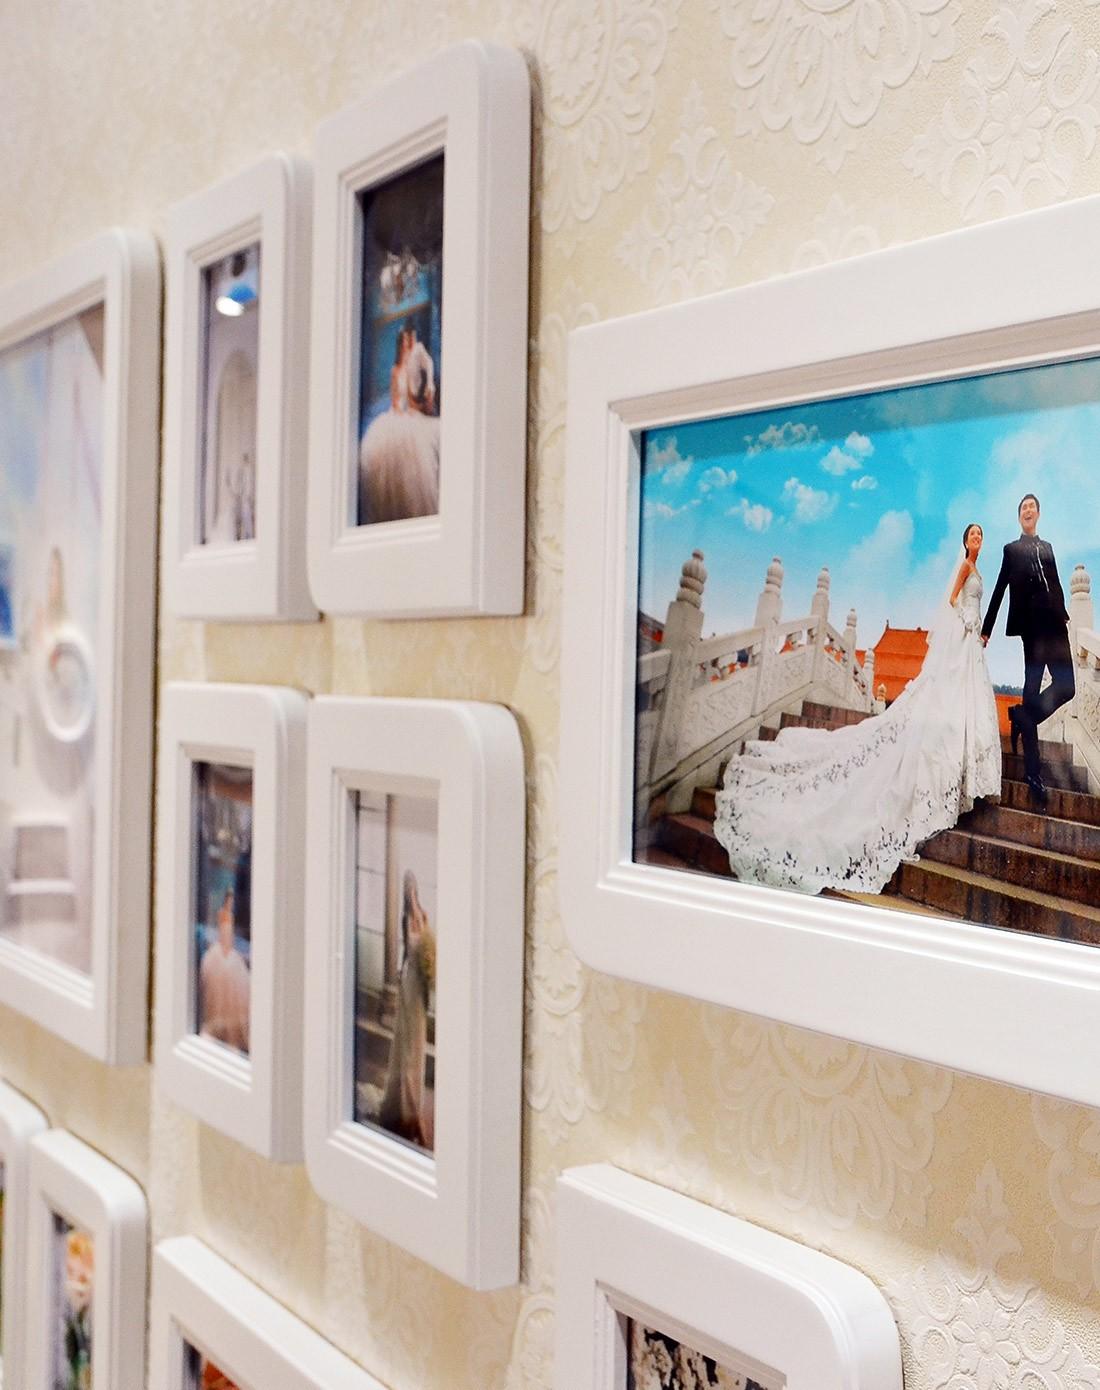 12框欧式对角相框照片墙白色组合